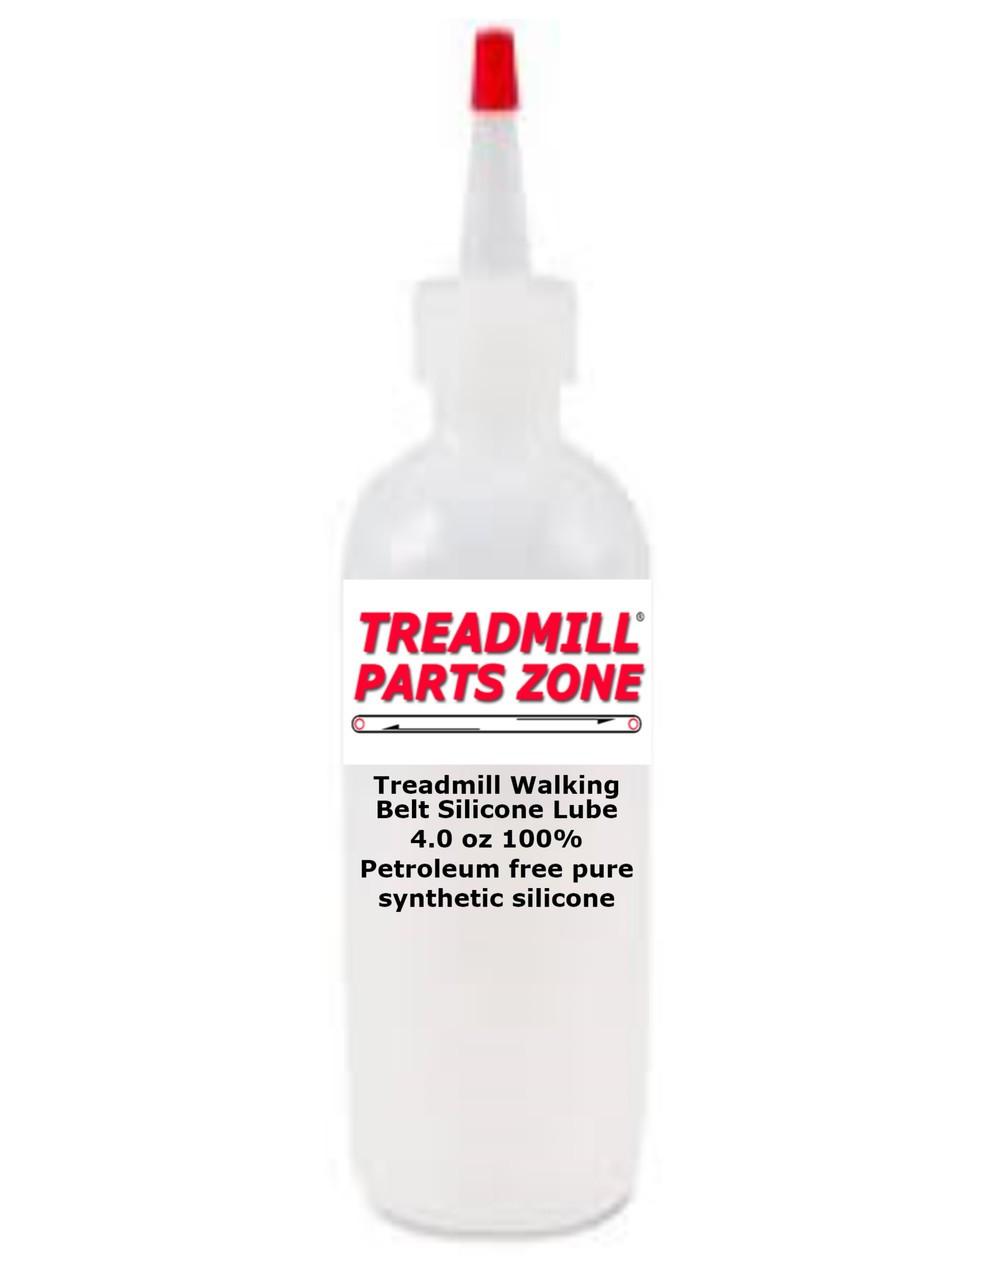 Treadmill Silicone Lube 4.0 oz FR00219168 100% Pure Silicone